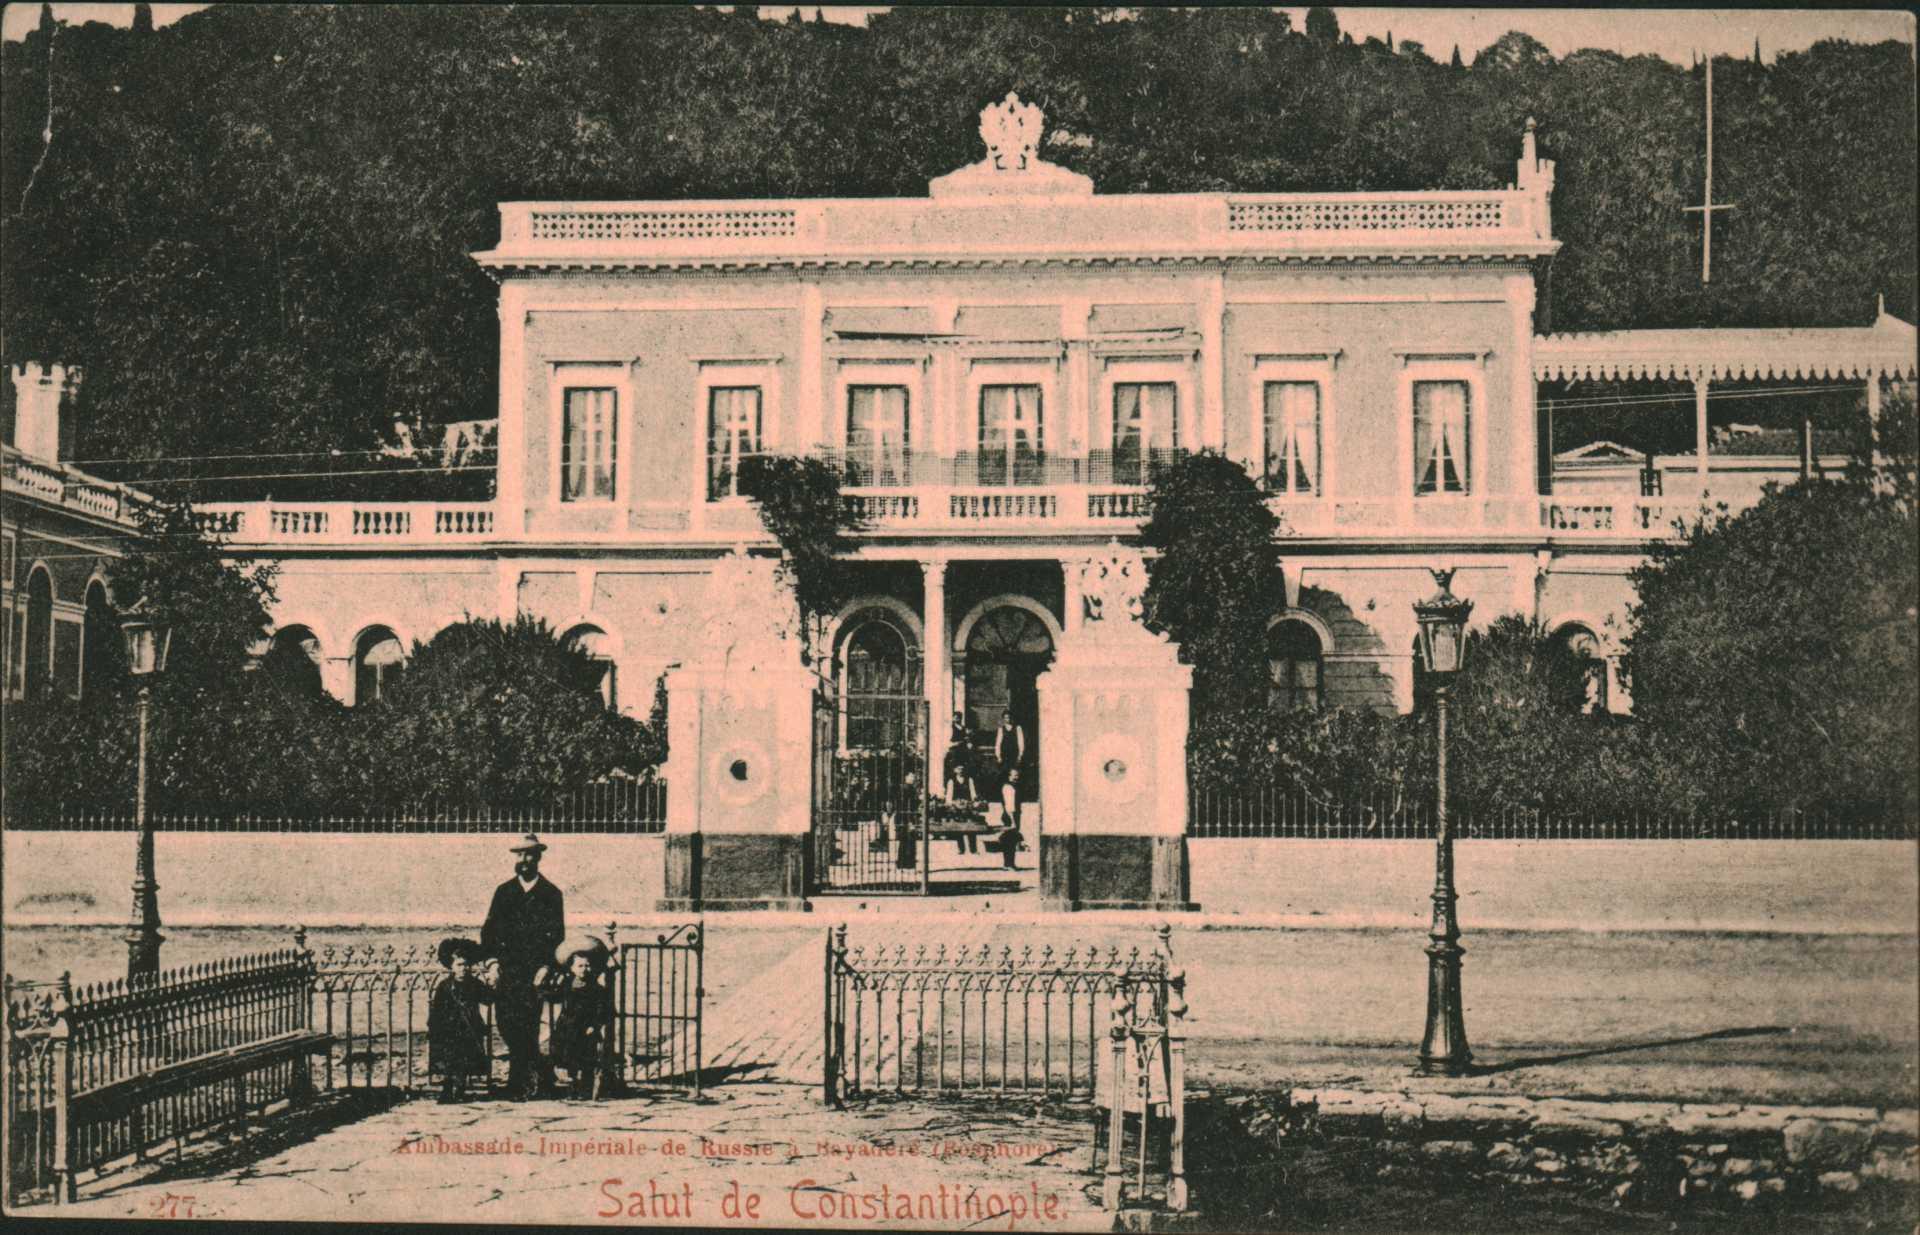 Salut de Constantinople.Ahibassade Imperiale de Russie a Bayadere (Bosphore)